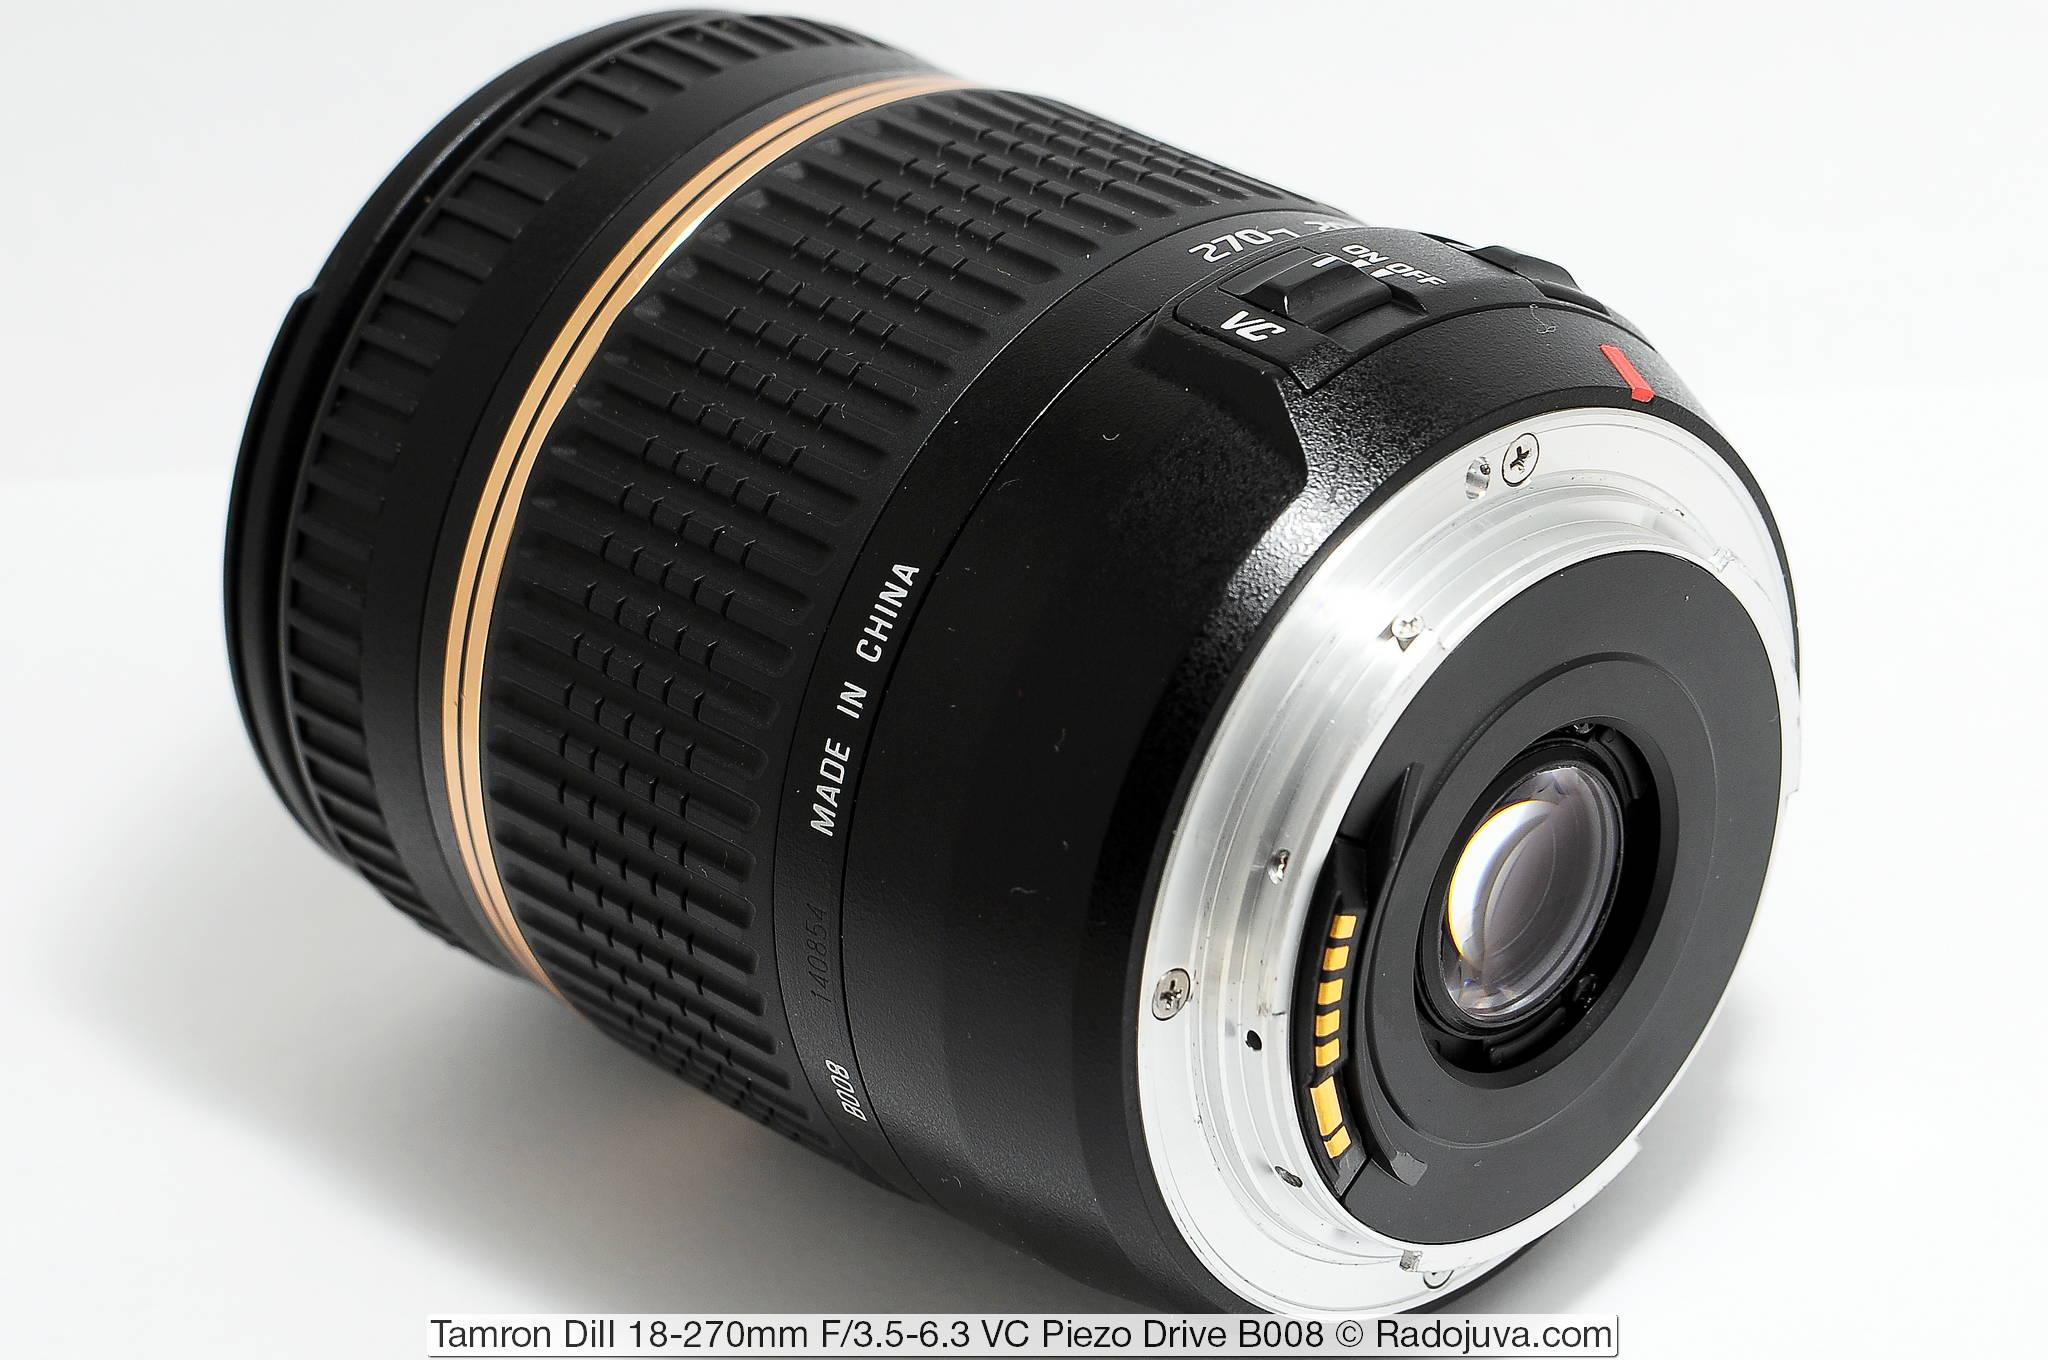 Tamron Di II 18-270mm F/3.5-6.3 VC Piezo Drive B008